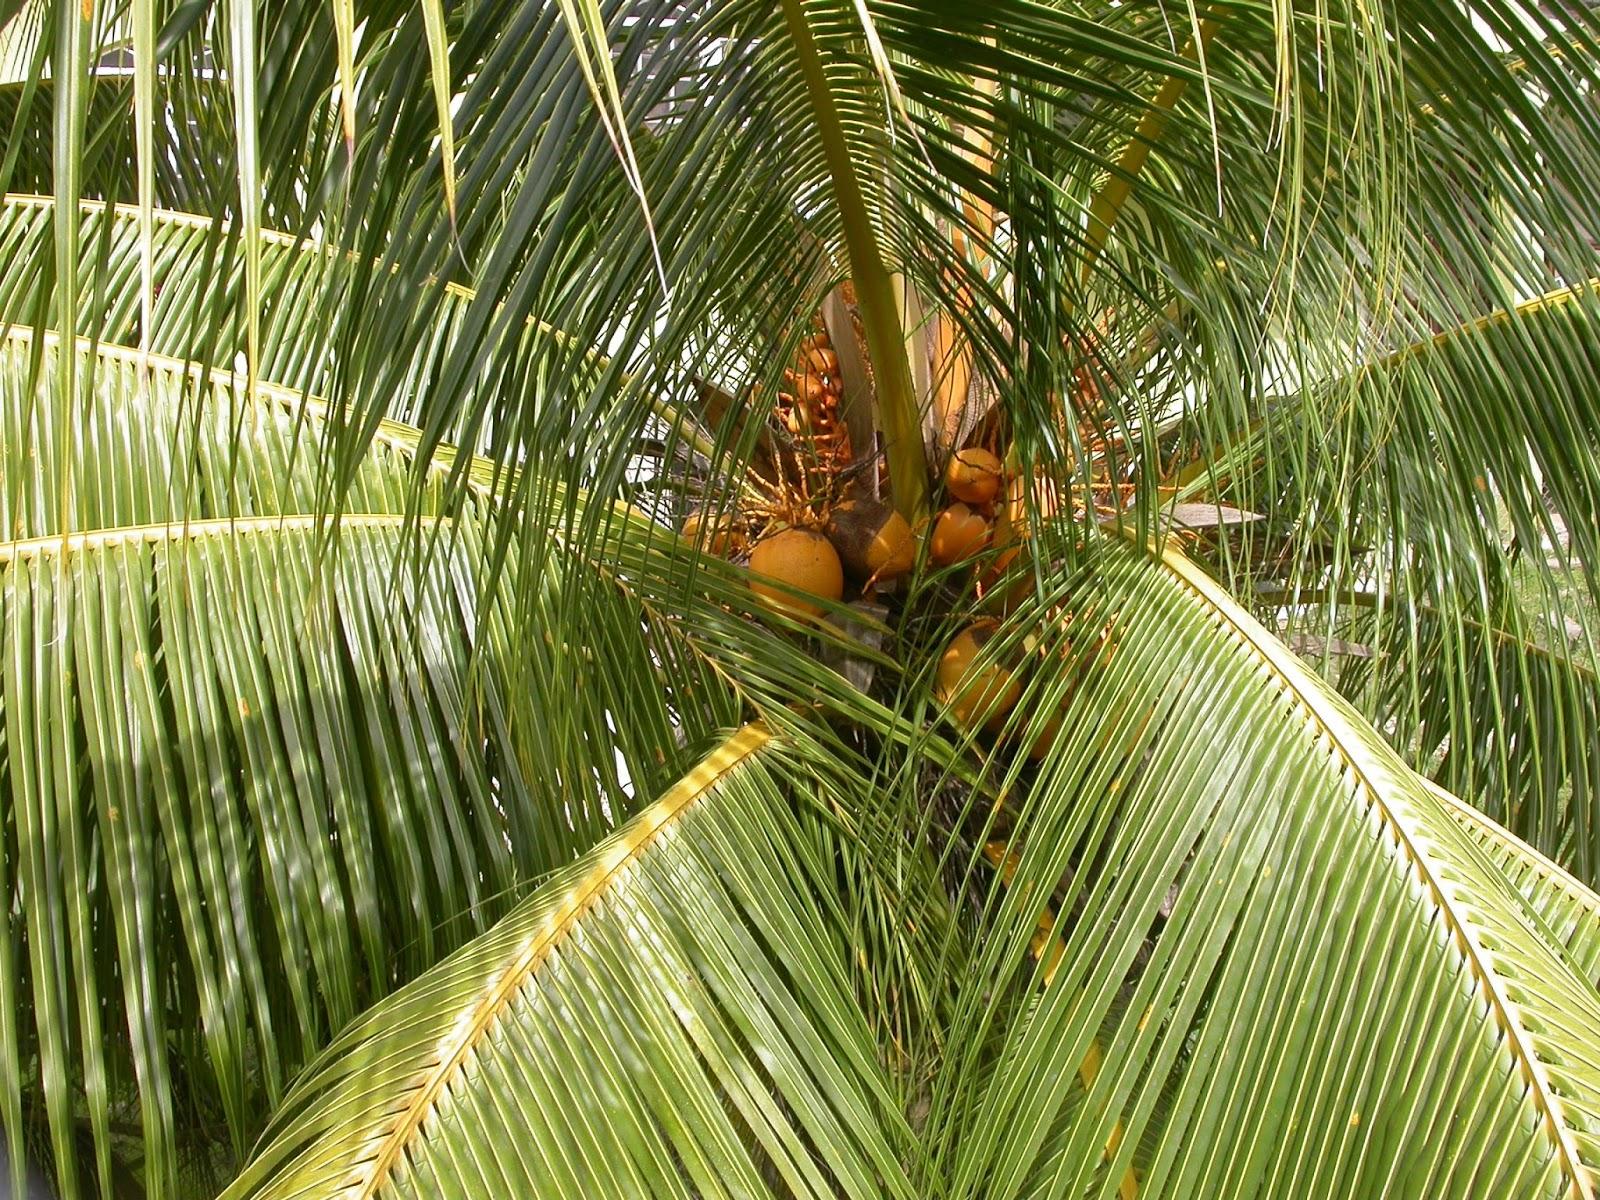 Barbados Flora & Fauna: Coconut Trees (Cocos nucifera)